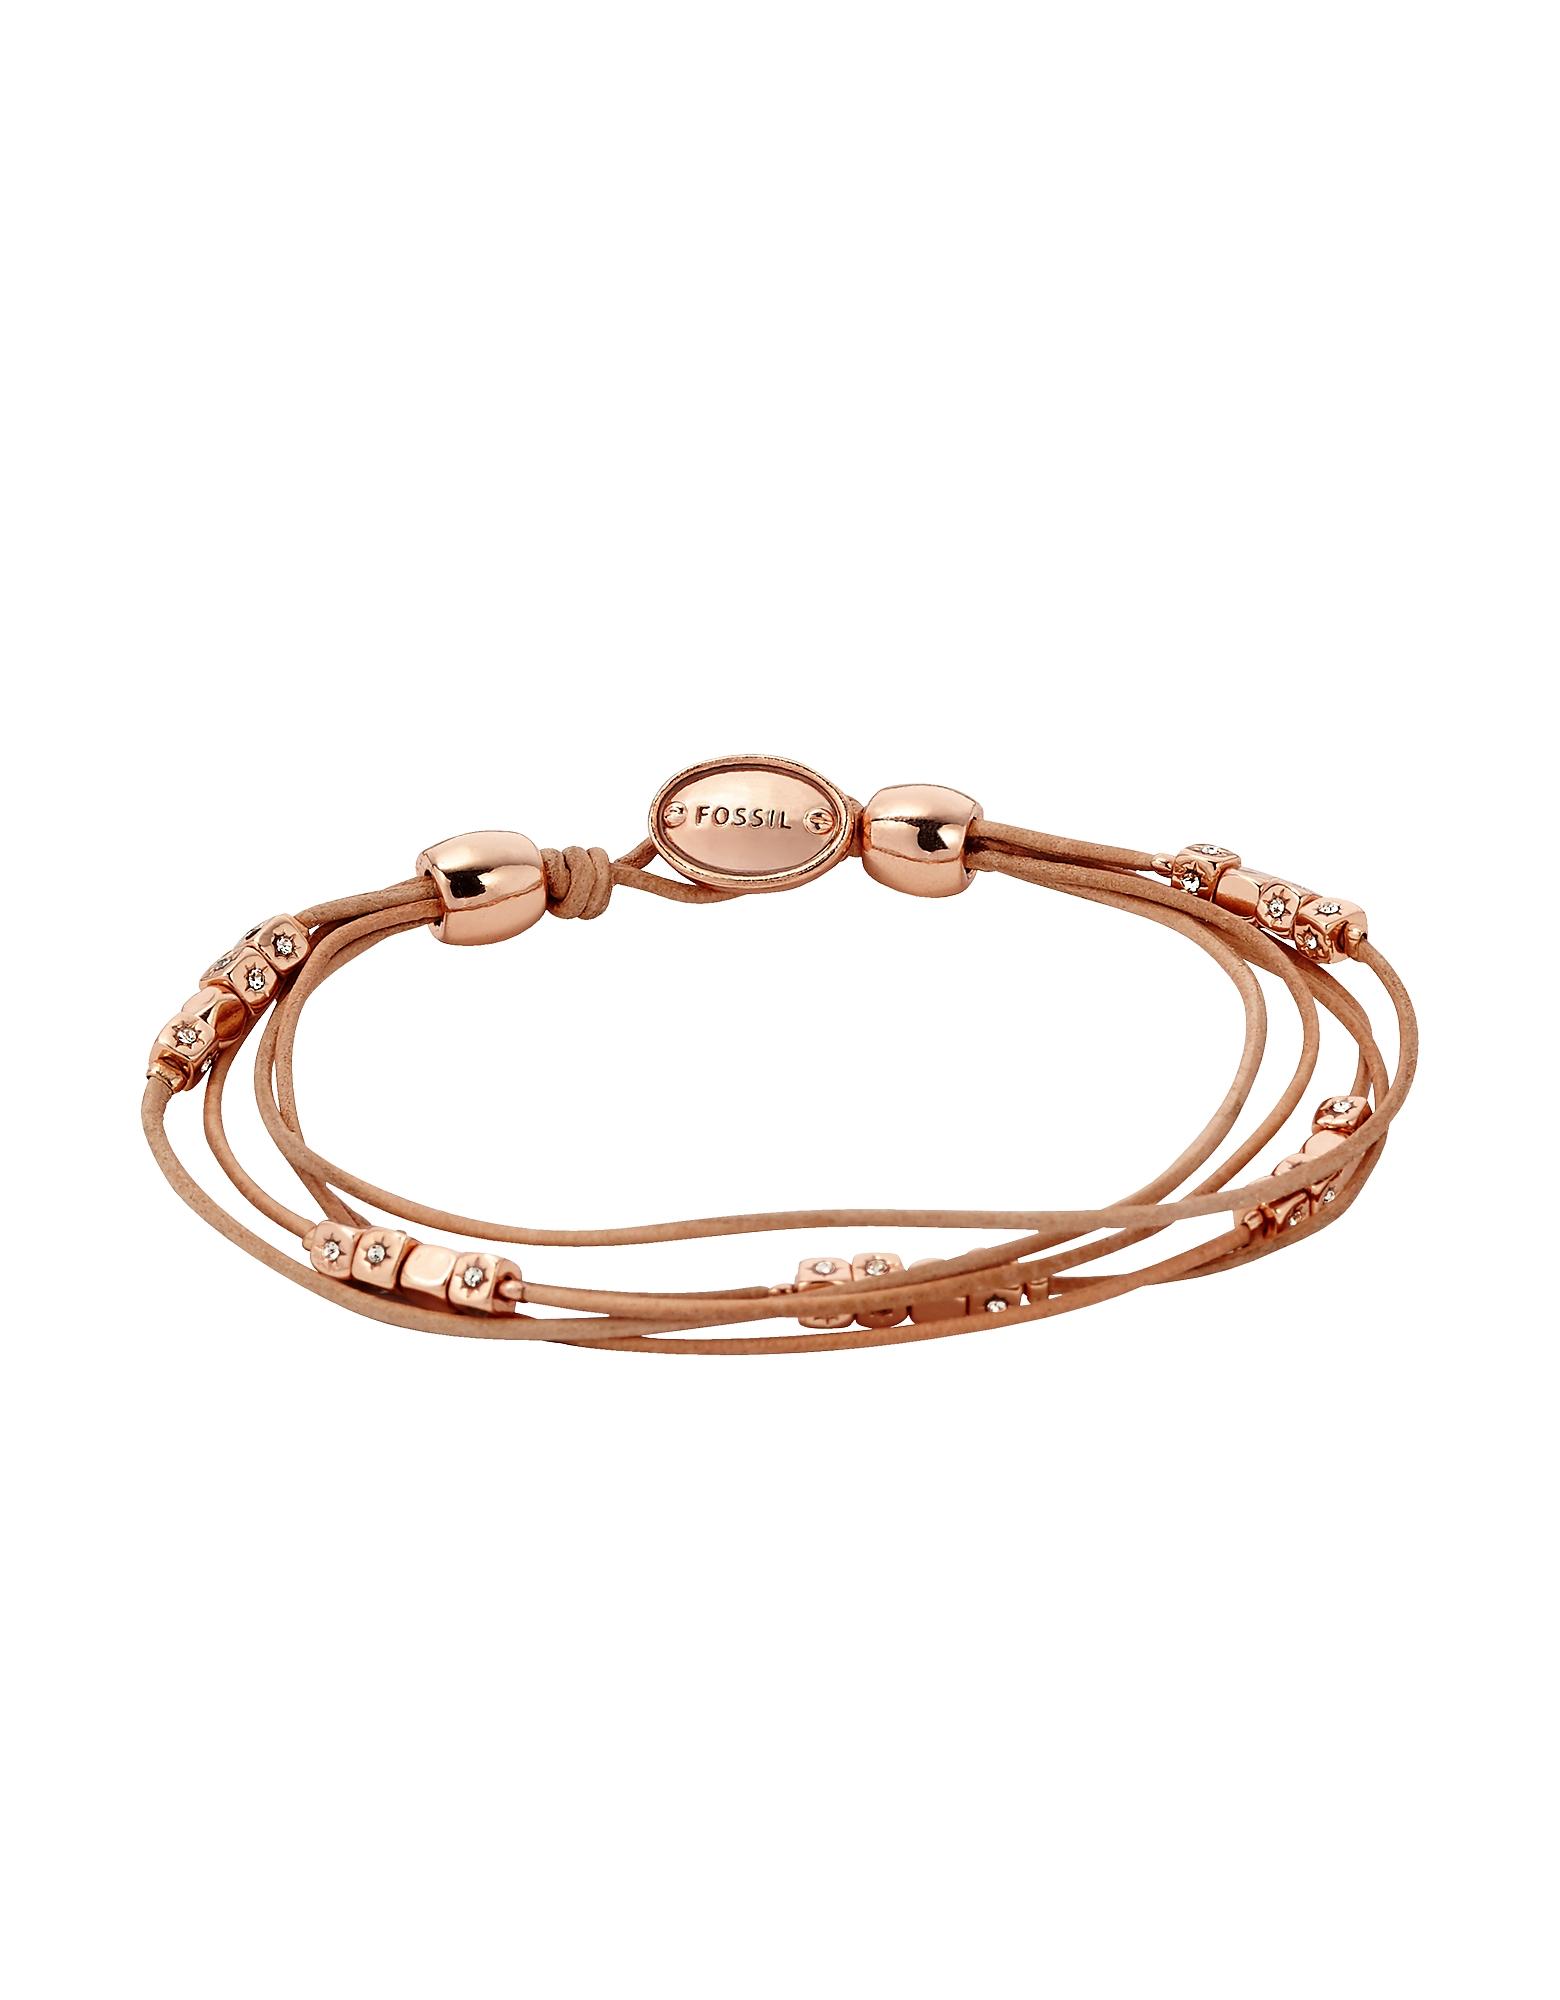 Fossil Bracelets, Tan Multi-Strand Wrist Wrap Women's Bracelet